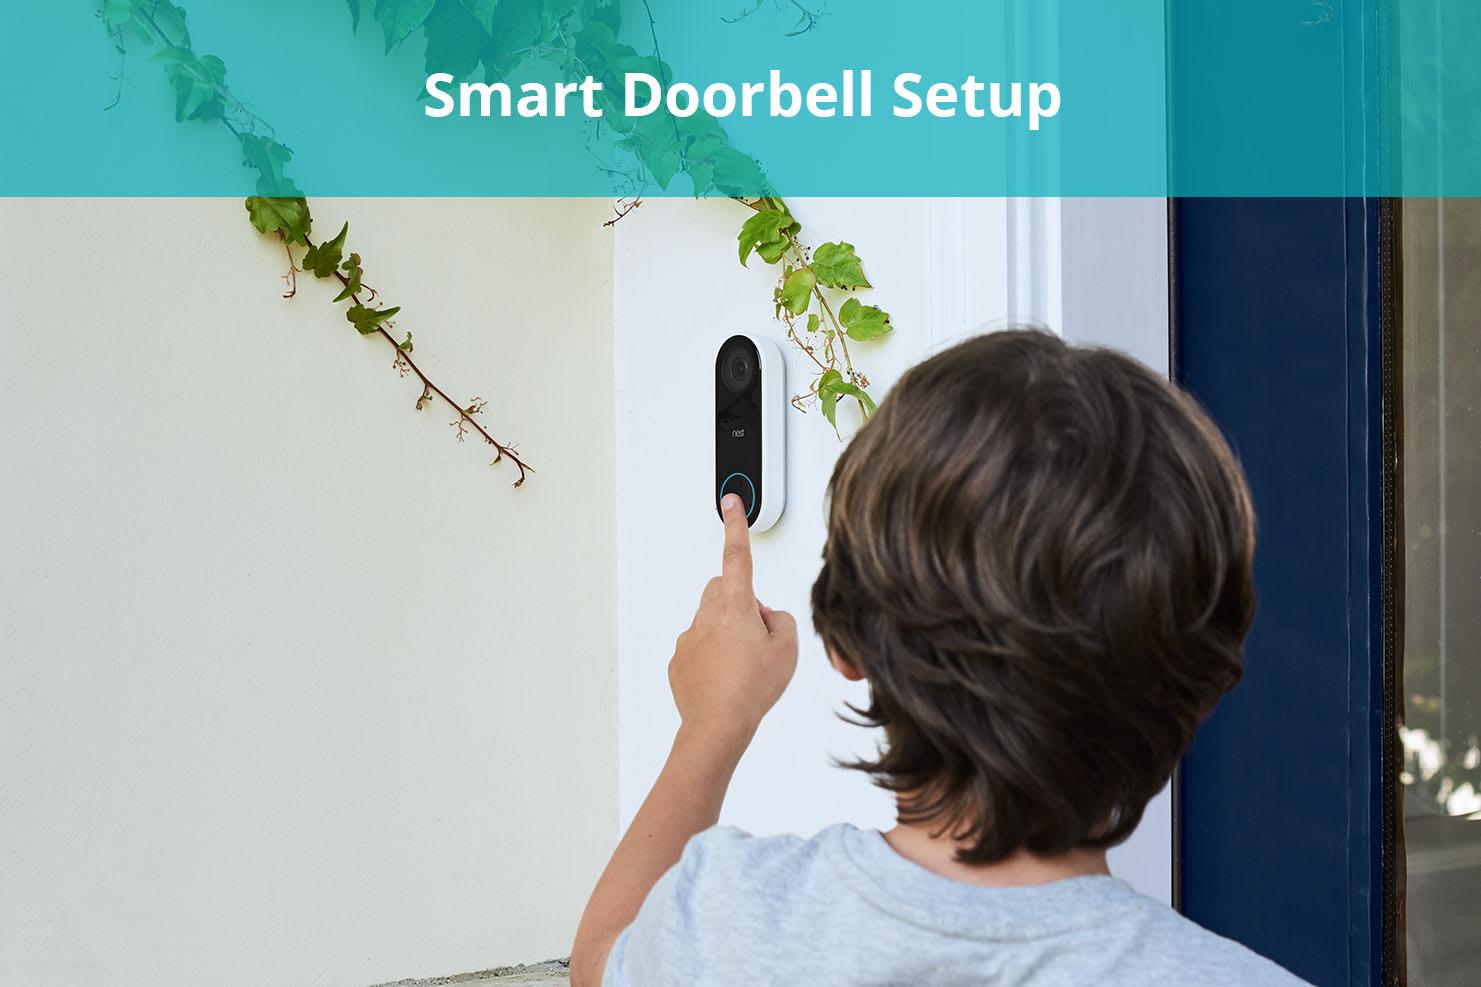 Office Depot Smart Doorbell Setup